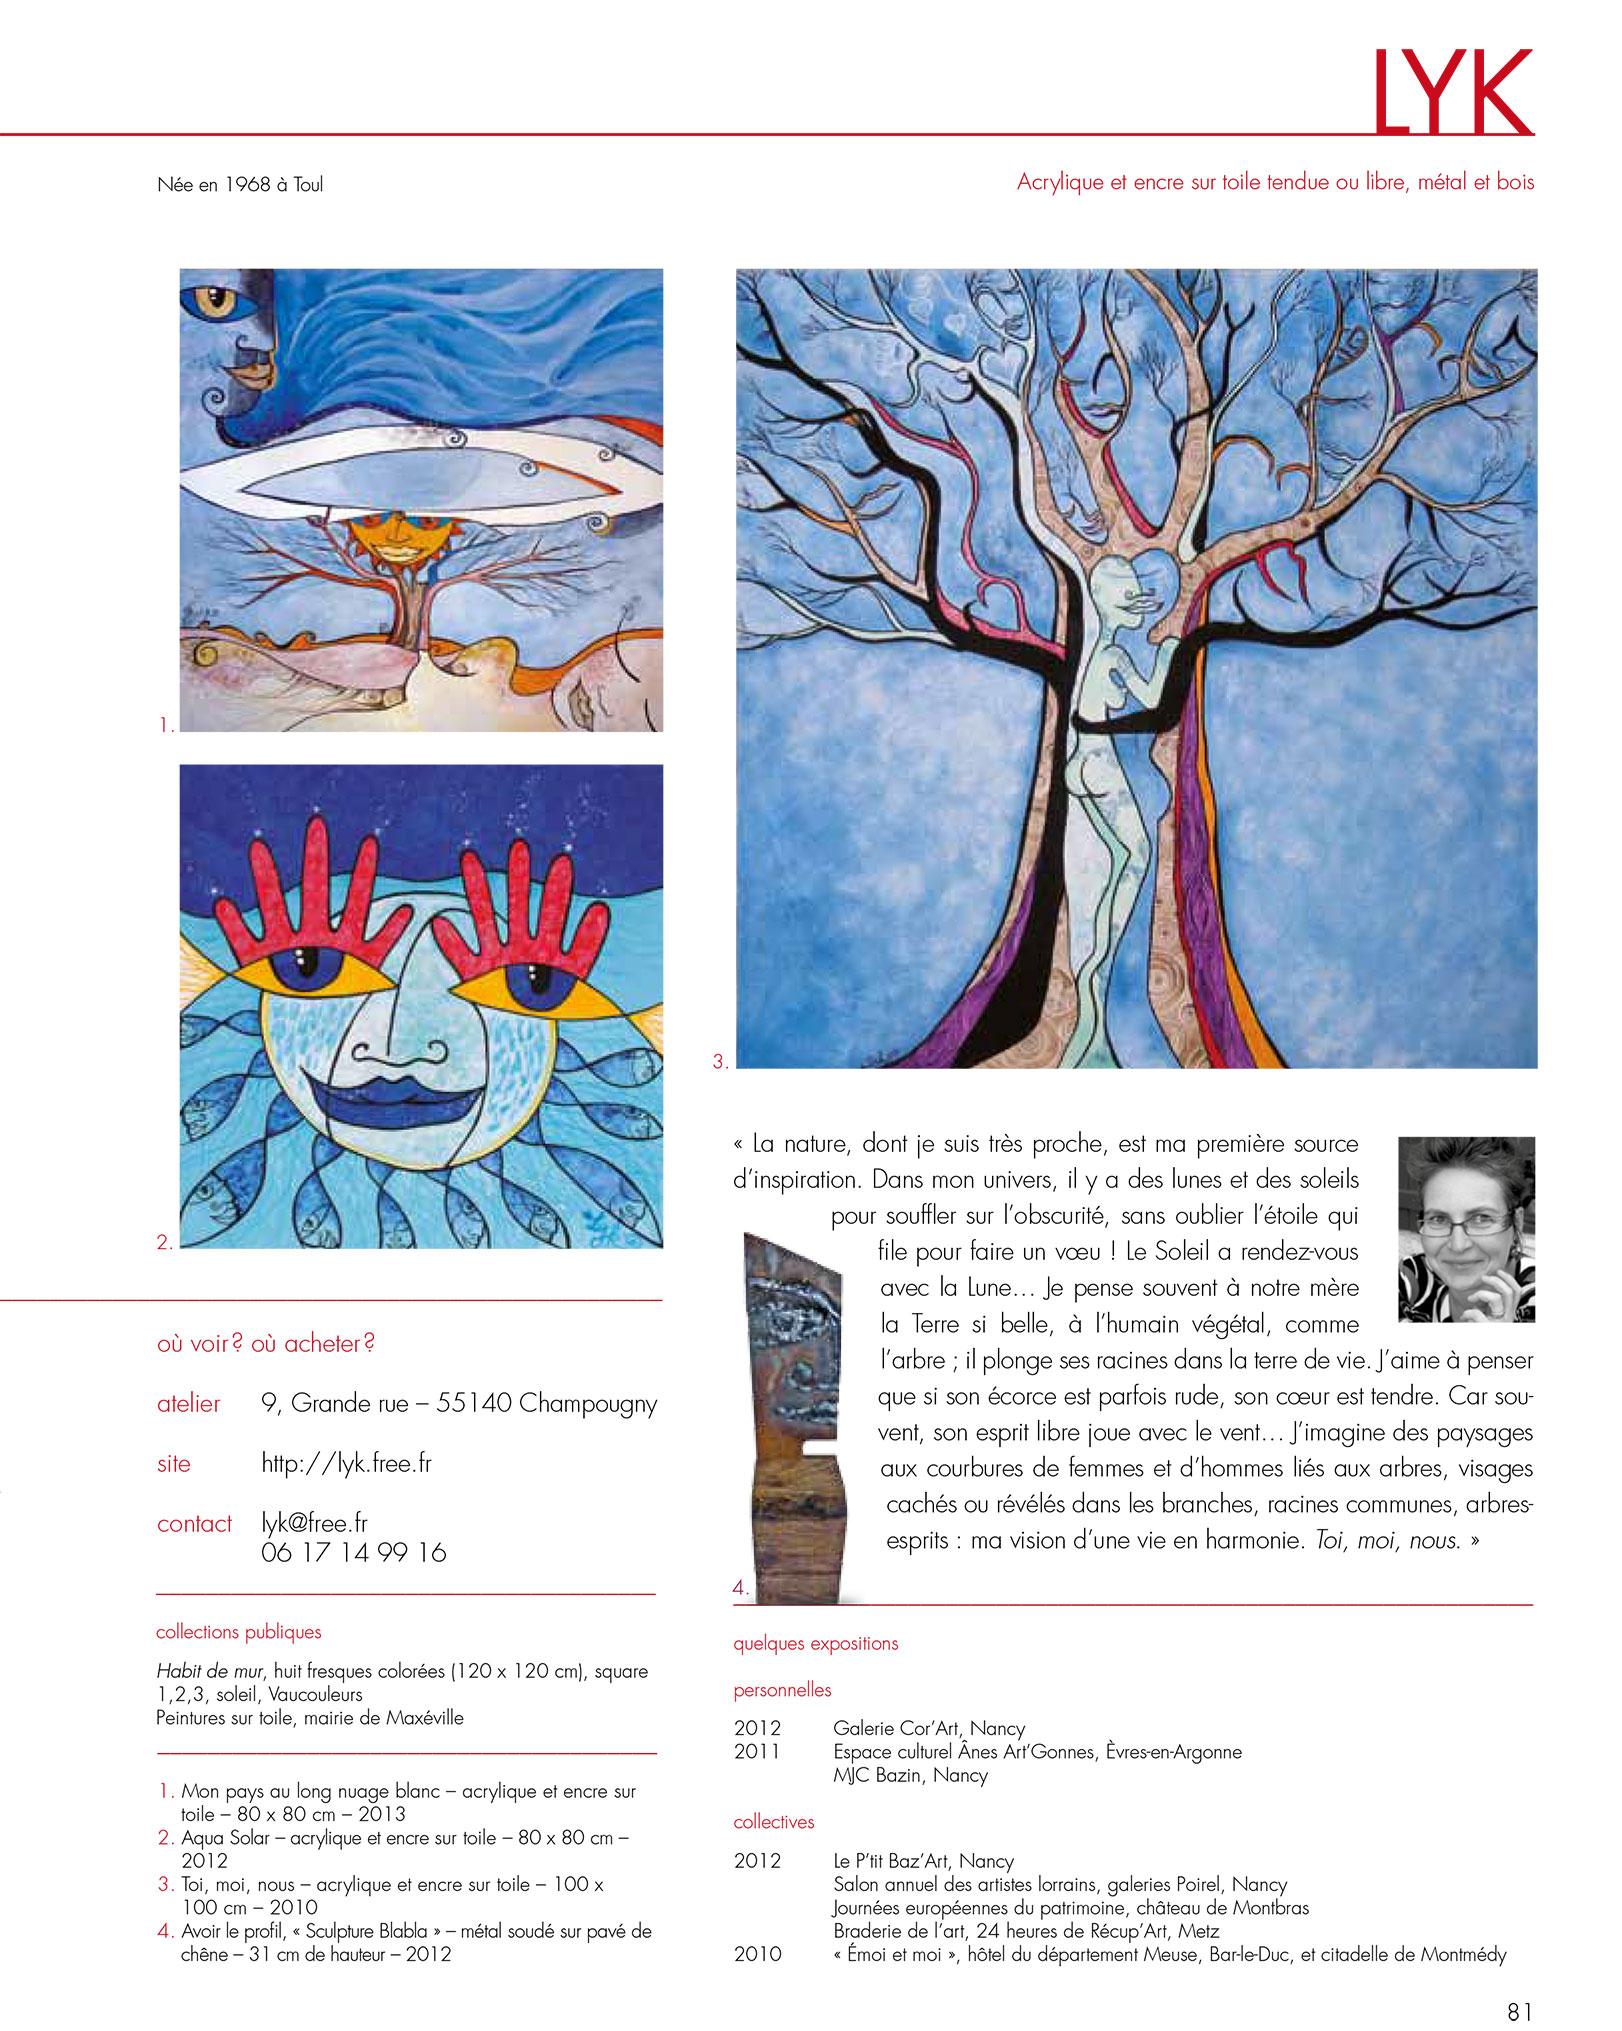 2014-2013-édition-Lelivredart-dans-la-bible-de-l'art-singulier